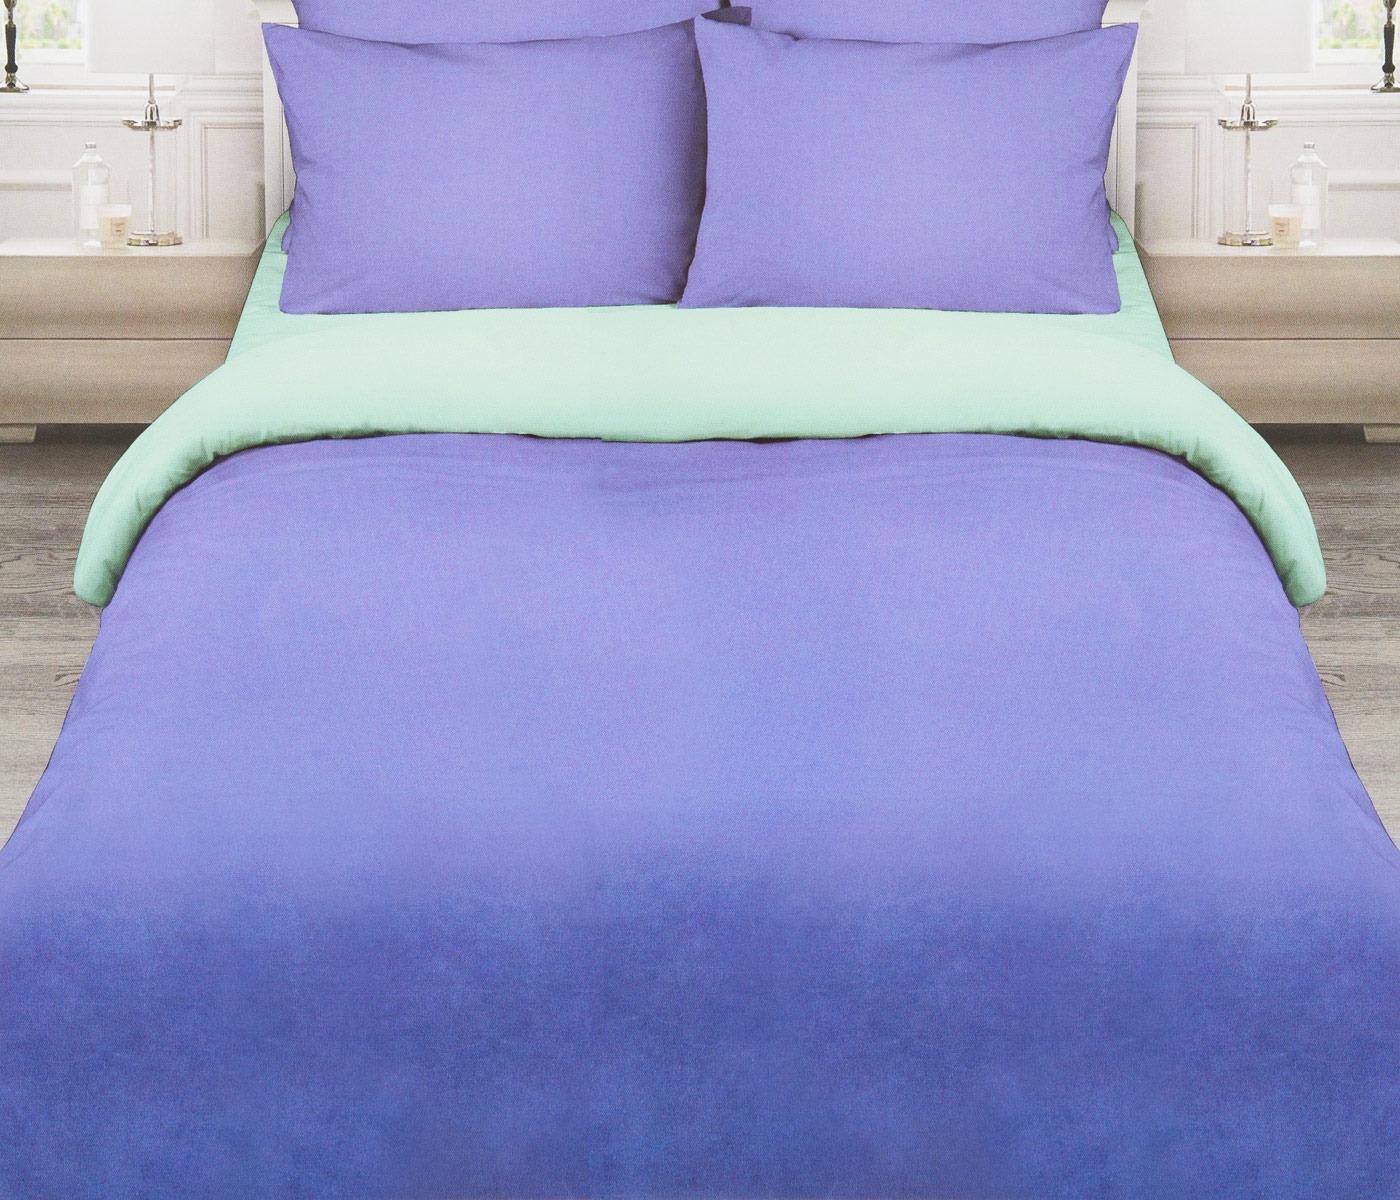 Комплект белья Василиса 373, 2-спальный, наволочки 70x70, 373/1 комплект белья василиса тауэрский мост 2 спальный наволочки 70х70